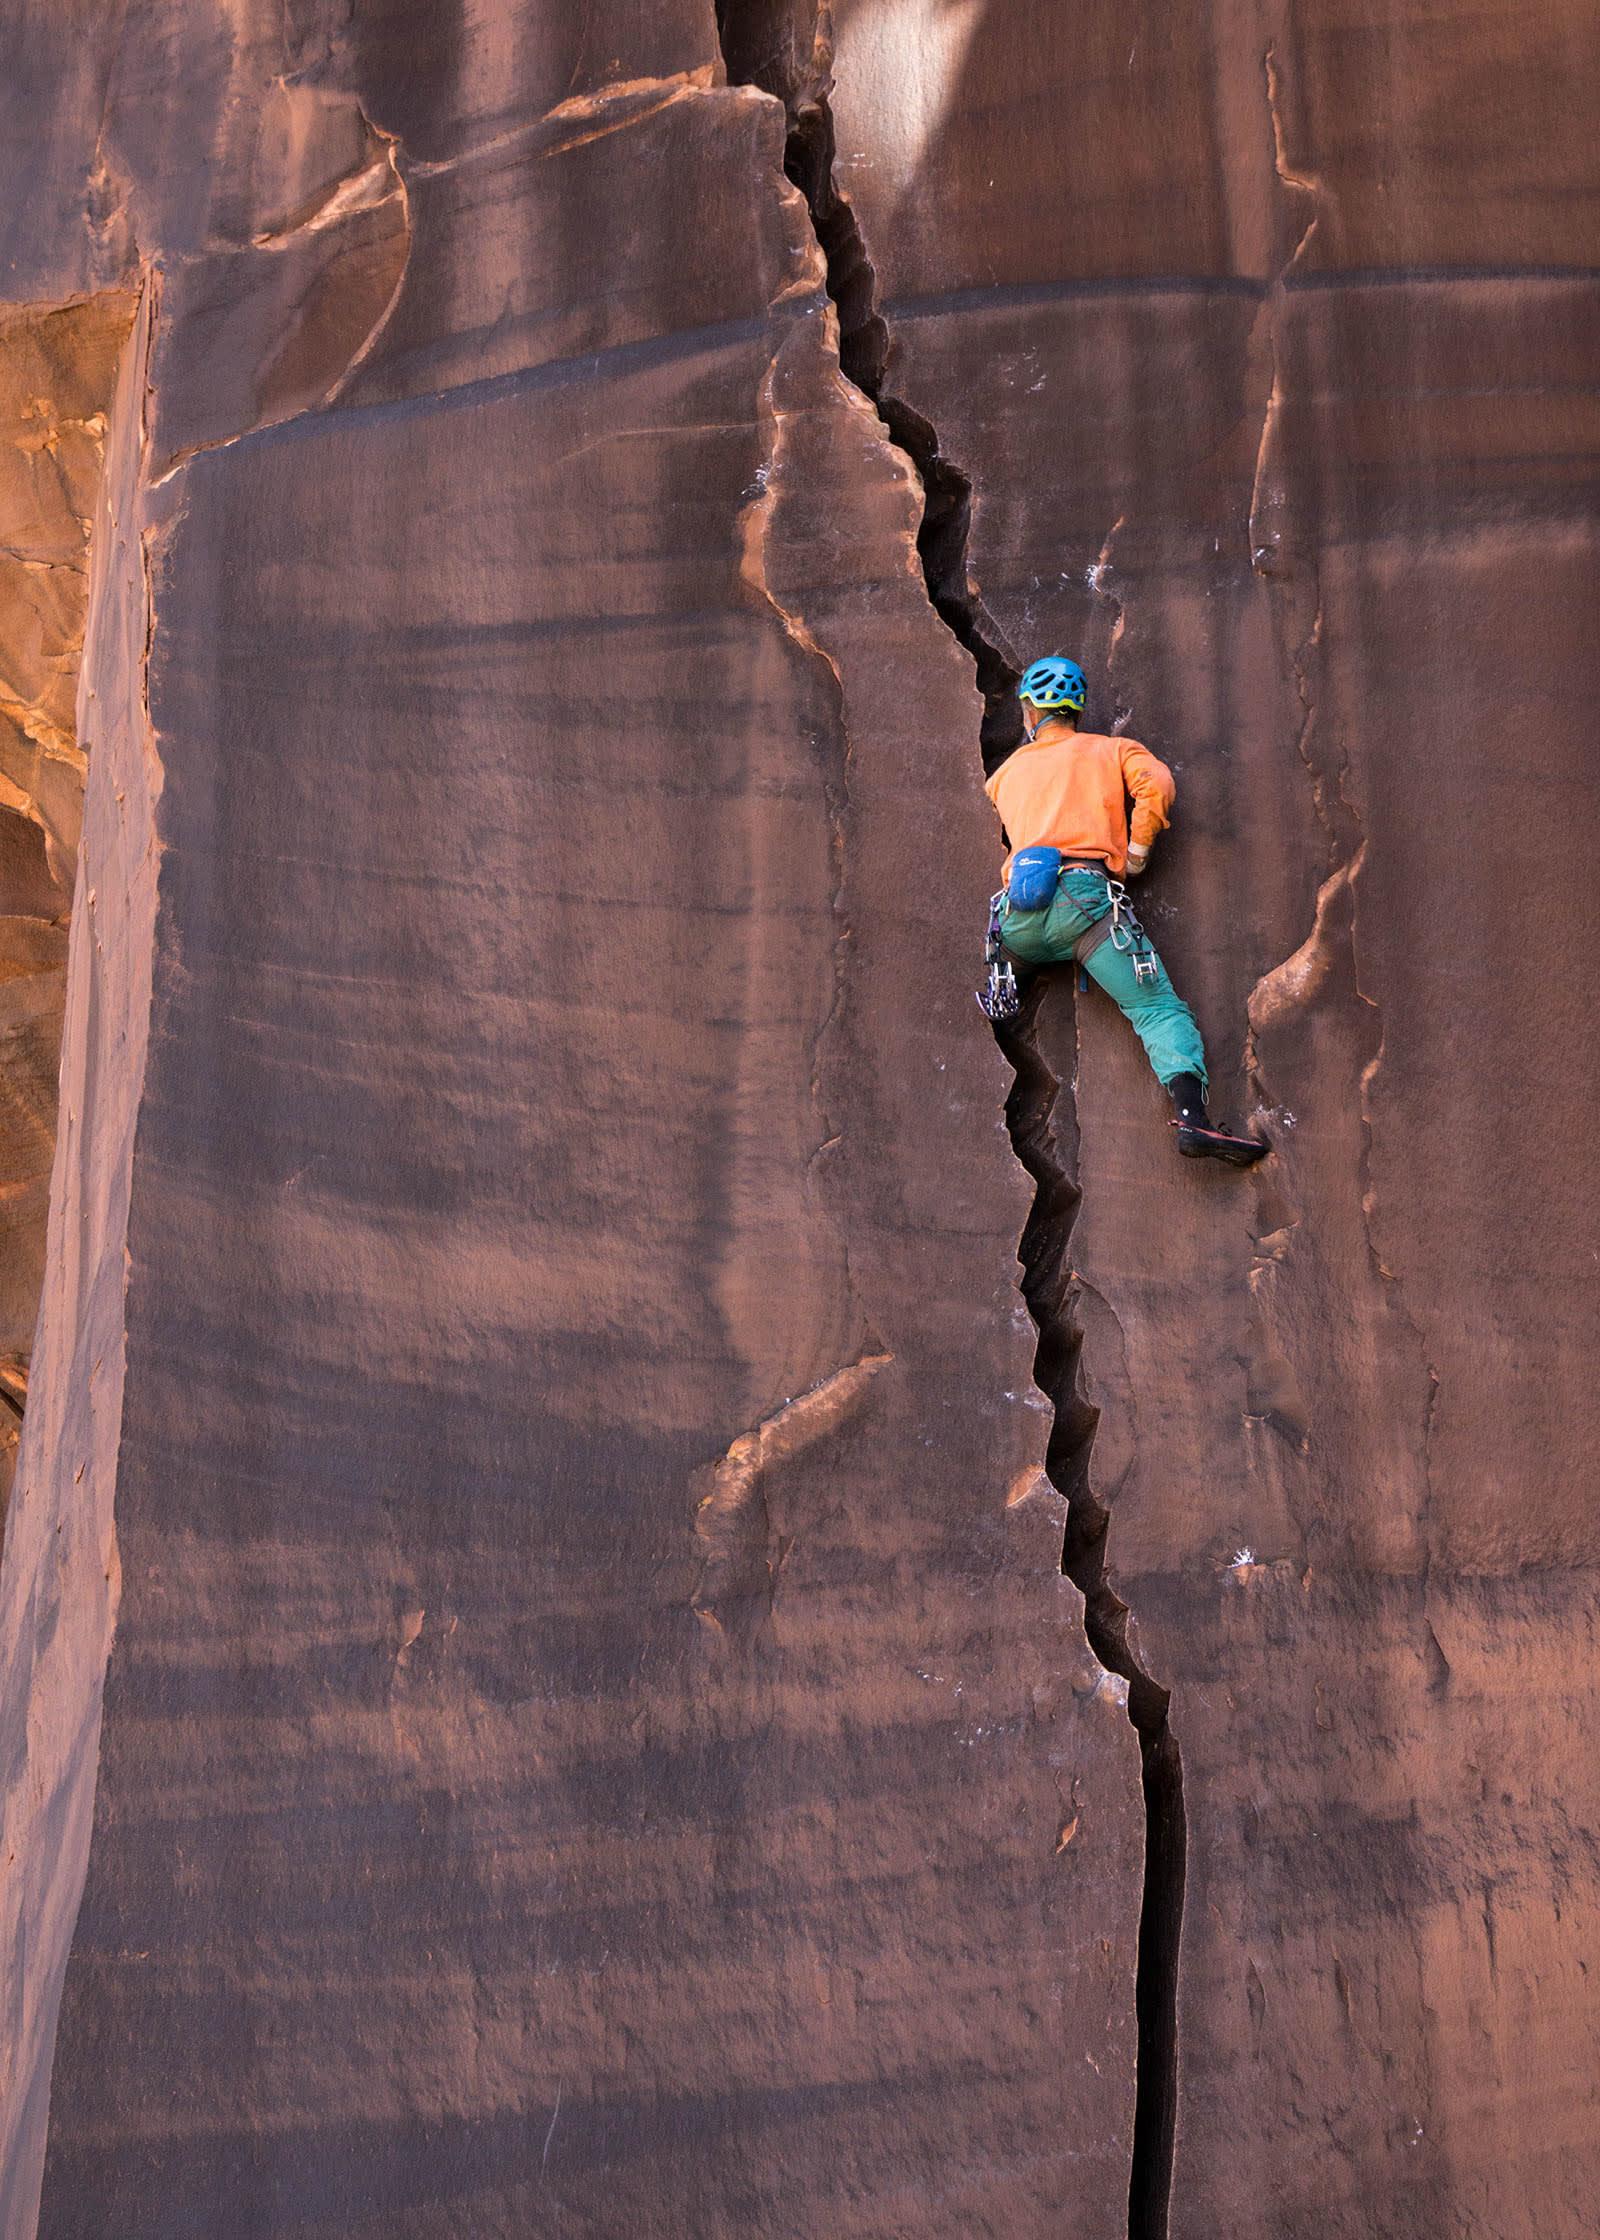 FEIL STØRRELSE: Sebastian på offwithklassikeren Serrator (5.11a/b). En stil man kan elske eller hate, og noen faller helt for denne typen klatring. I så tilfelle er det mye og ta av i Indian Creek. Foto: Kristian Sletten Hanisch